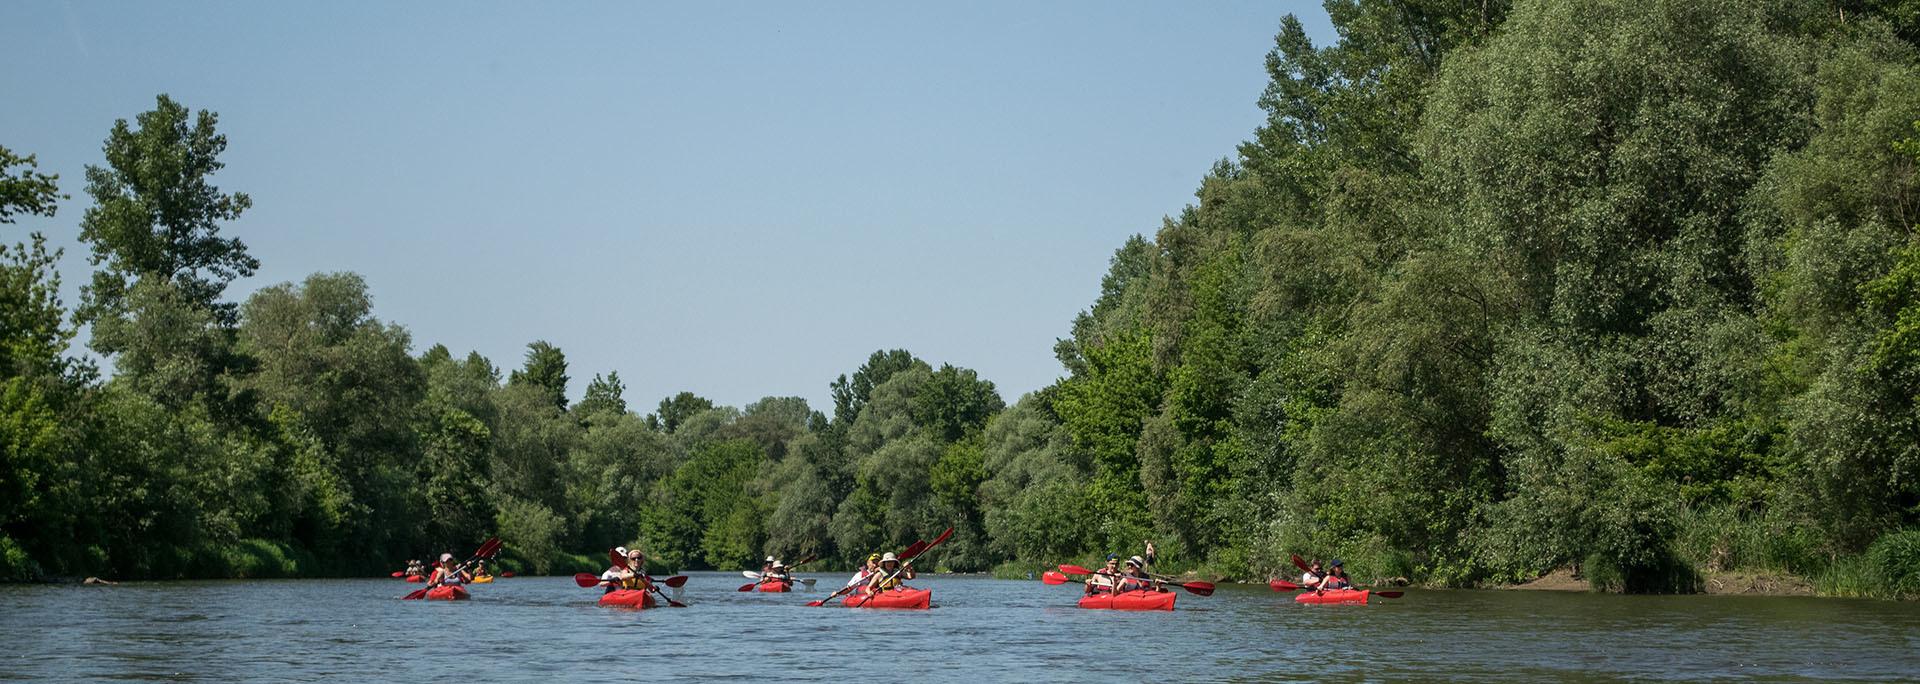 Vízitúra a Garamon Garam folyó, Szlovákia